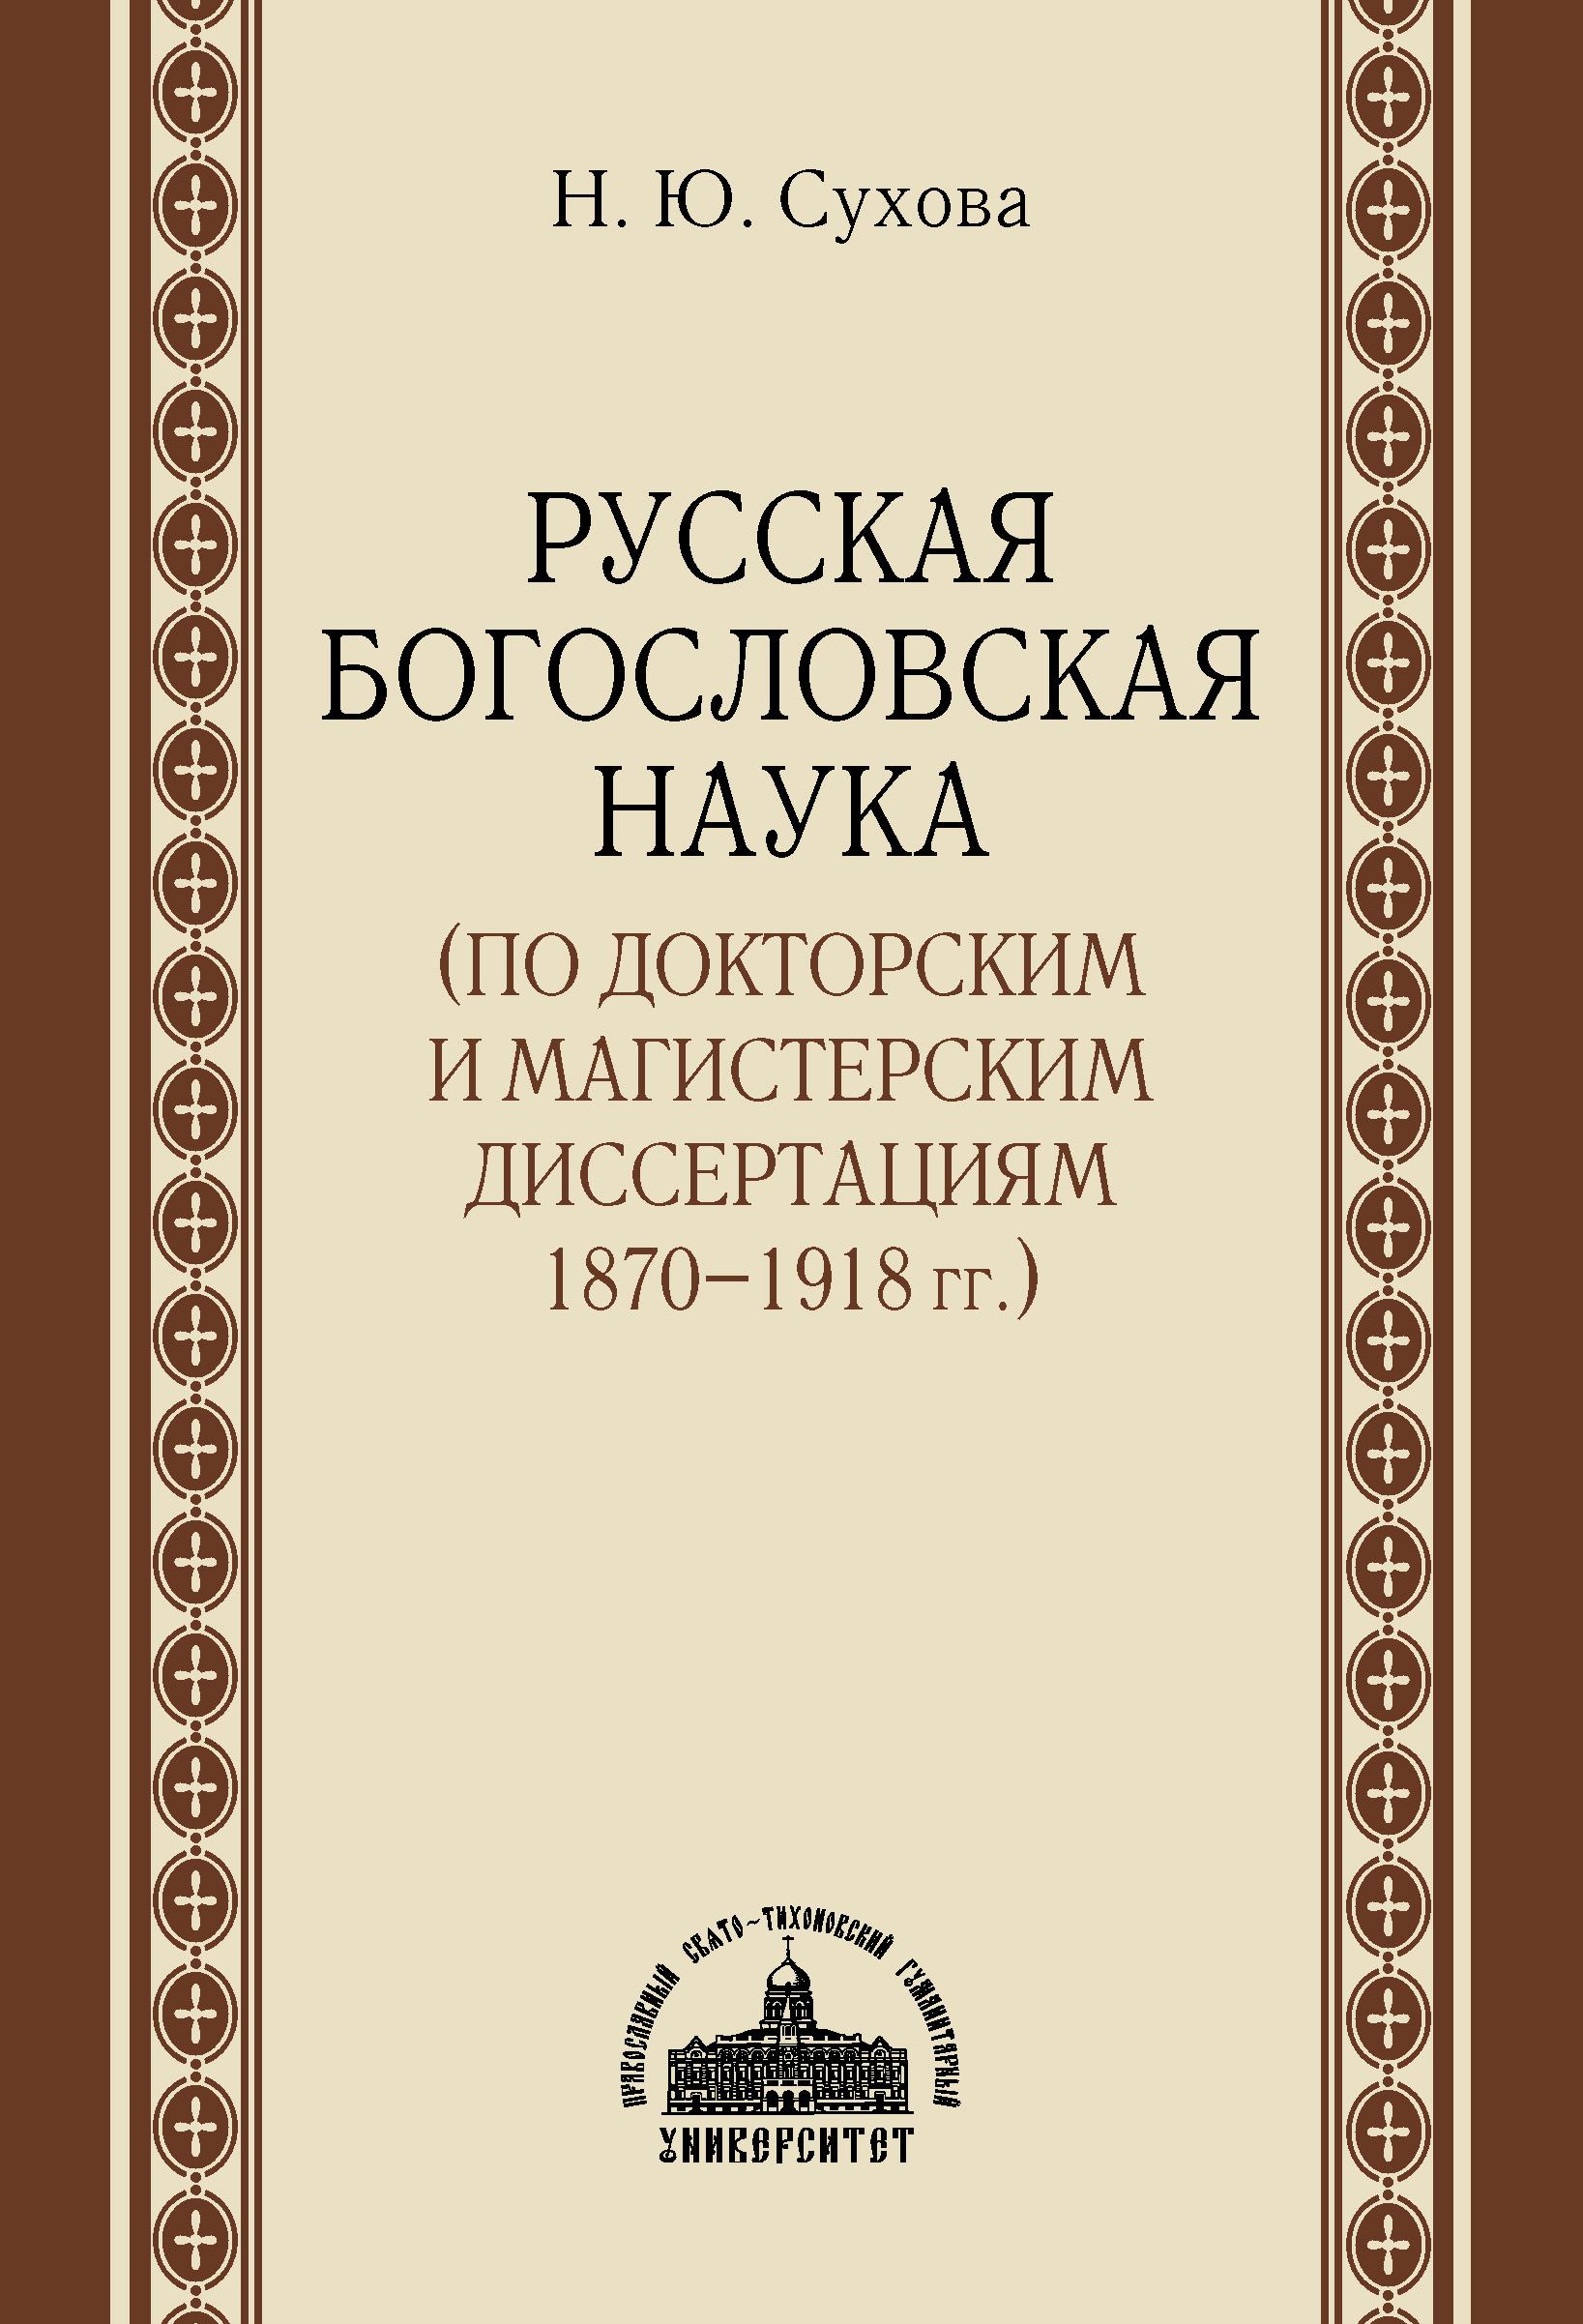 Русская богословская наука (по докторским и магистерским диссертациям 1870–1918 гг.) ( Н. Ю. Сухова  )